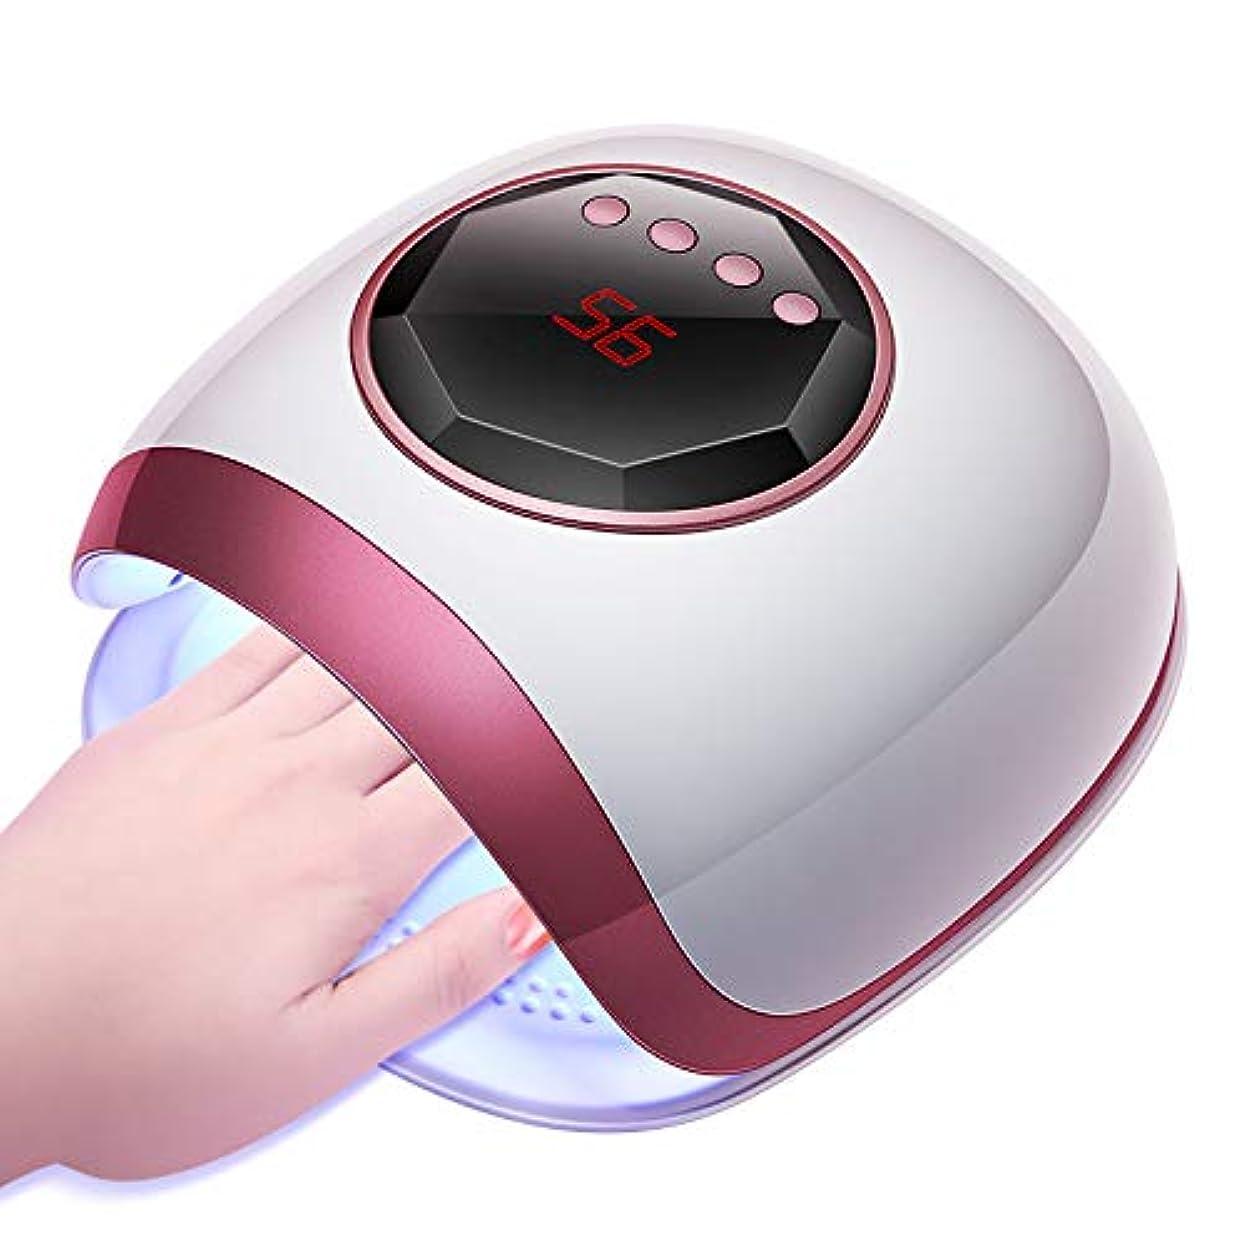 排出自動スティーブンソンネイルドライヤーネイルライト72ワット30 ledライト用センサータイマー付きホームランプサロン指の爪を使って